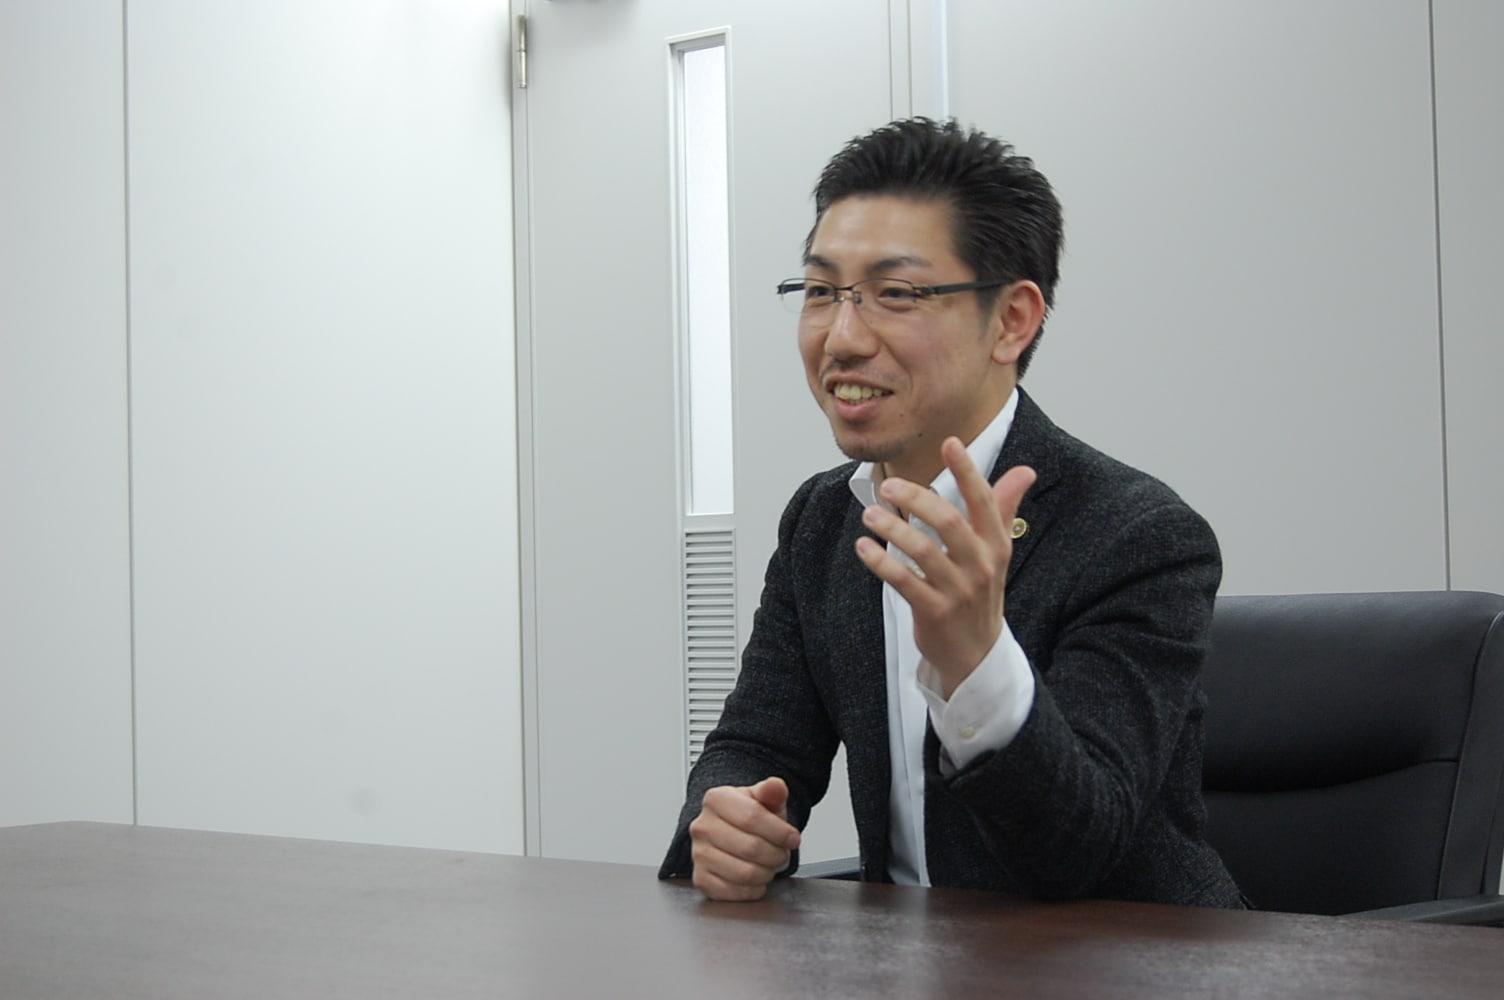 弁護士法人あいち刑事総合法律事務所